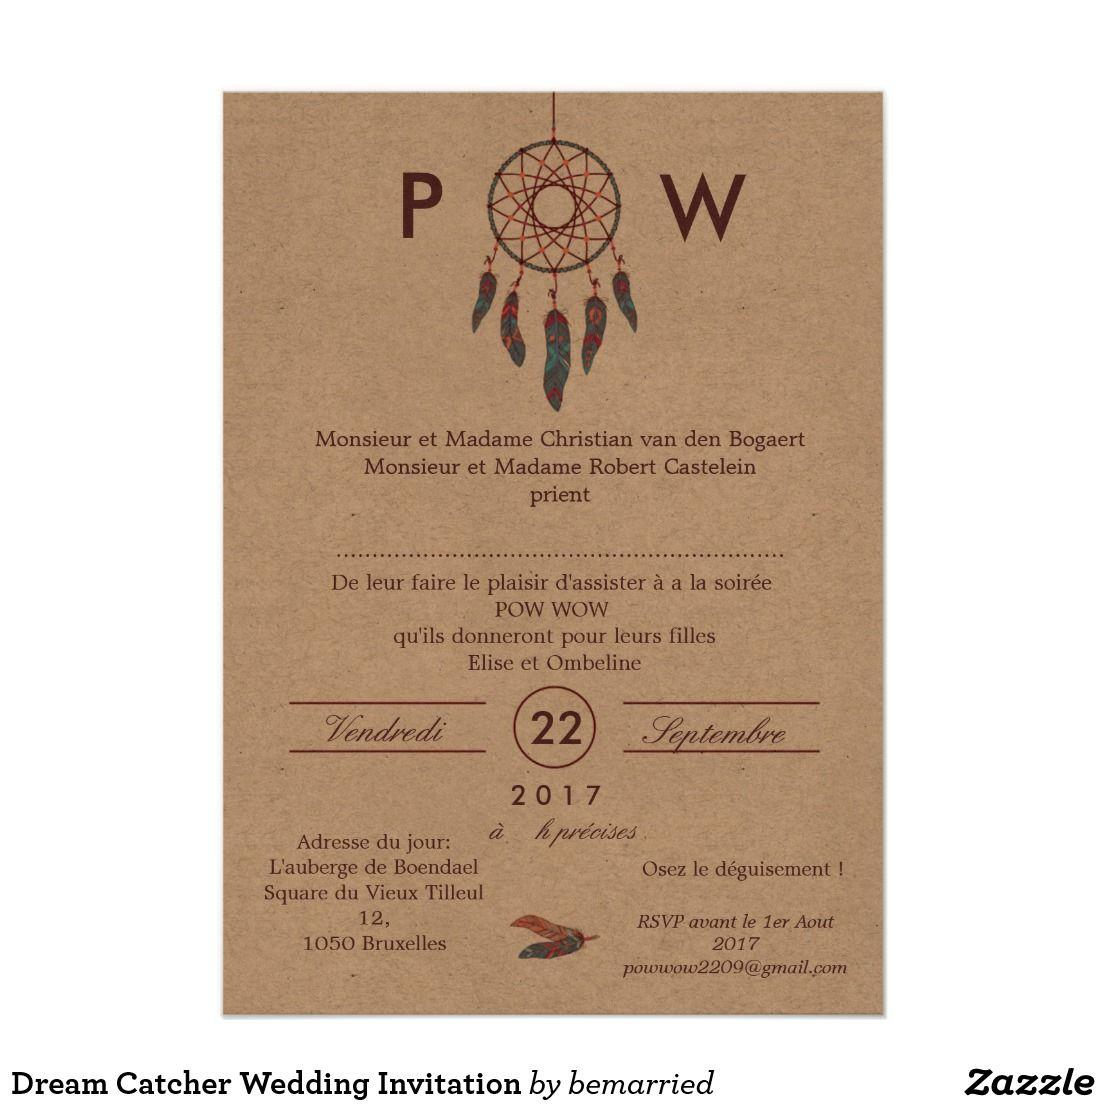 Dream catcher wedding invitation indien pinterest dream